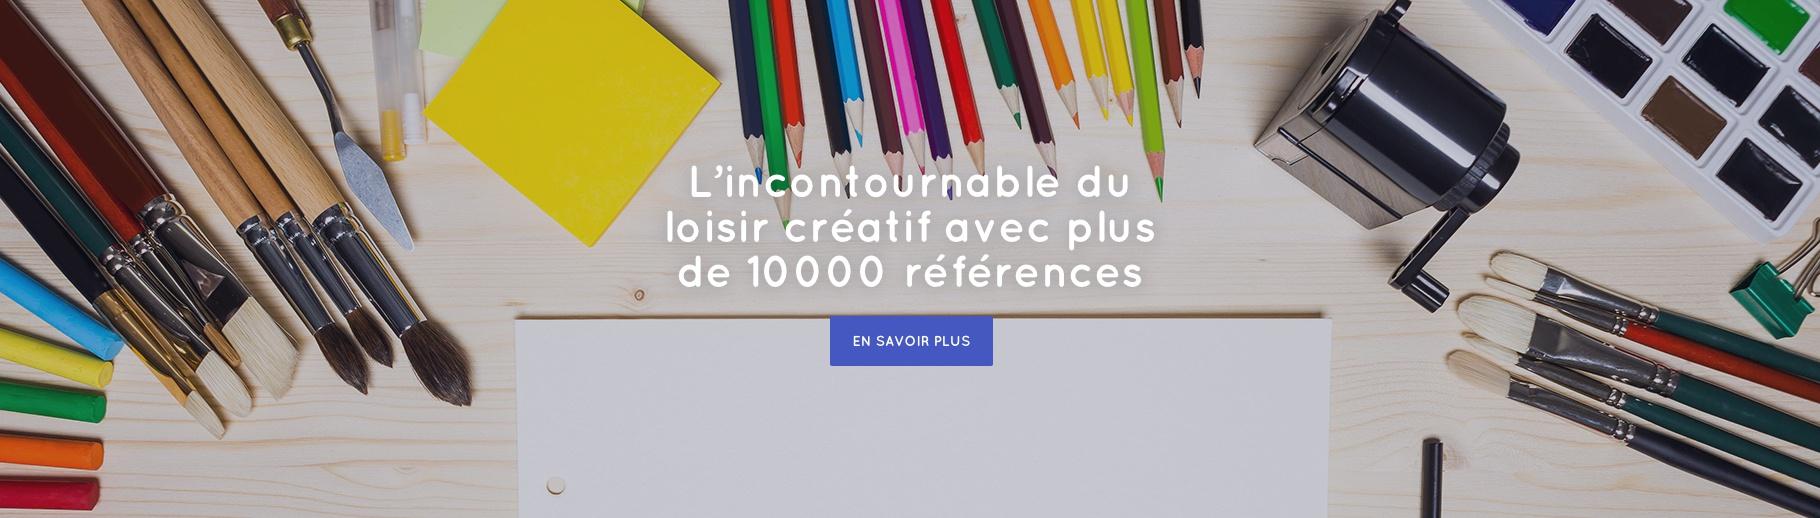 L'incontournable du loisir créatif avec plus de 10 000 références